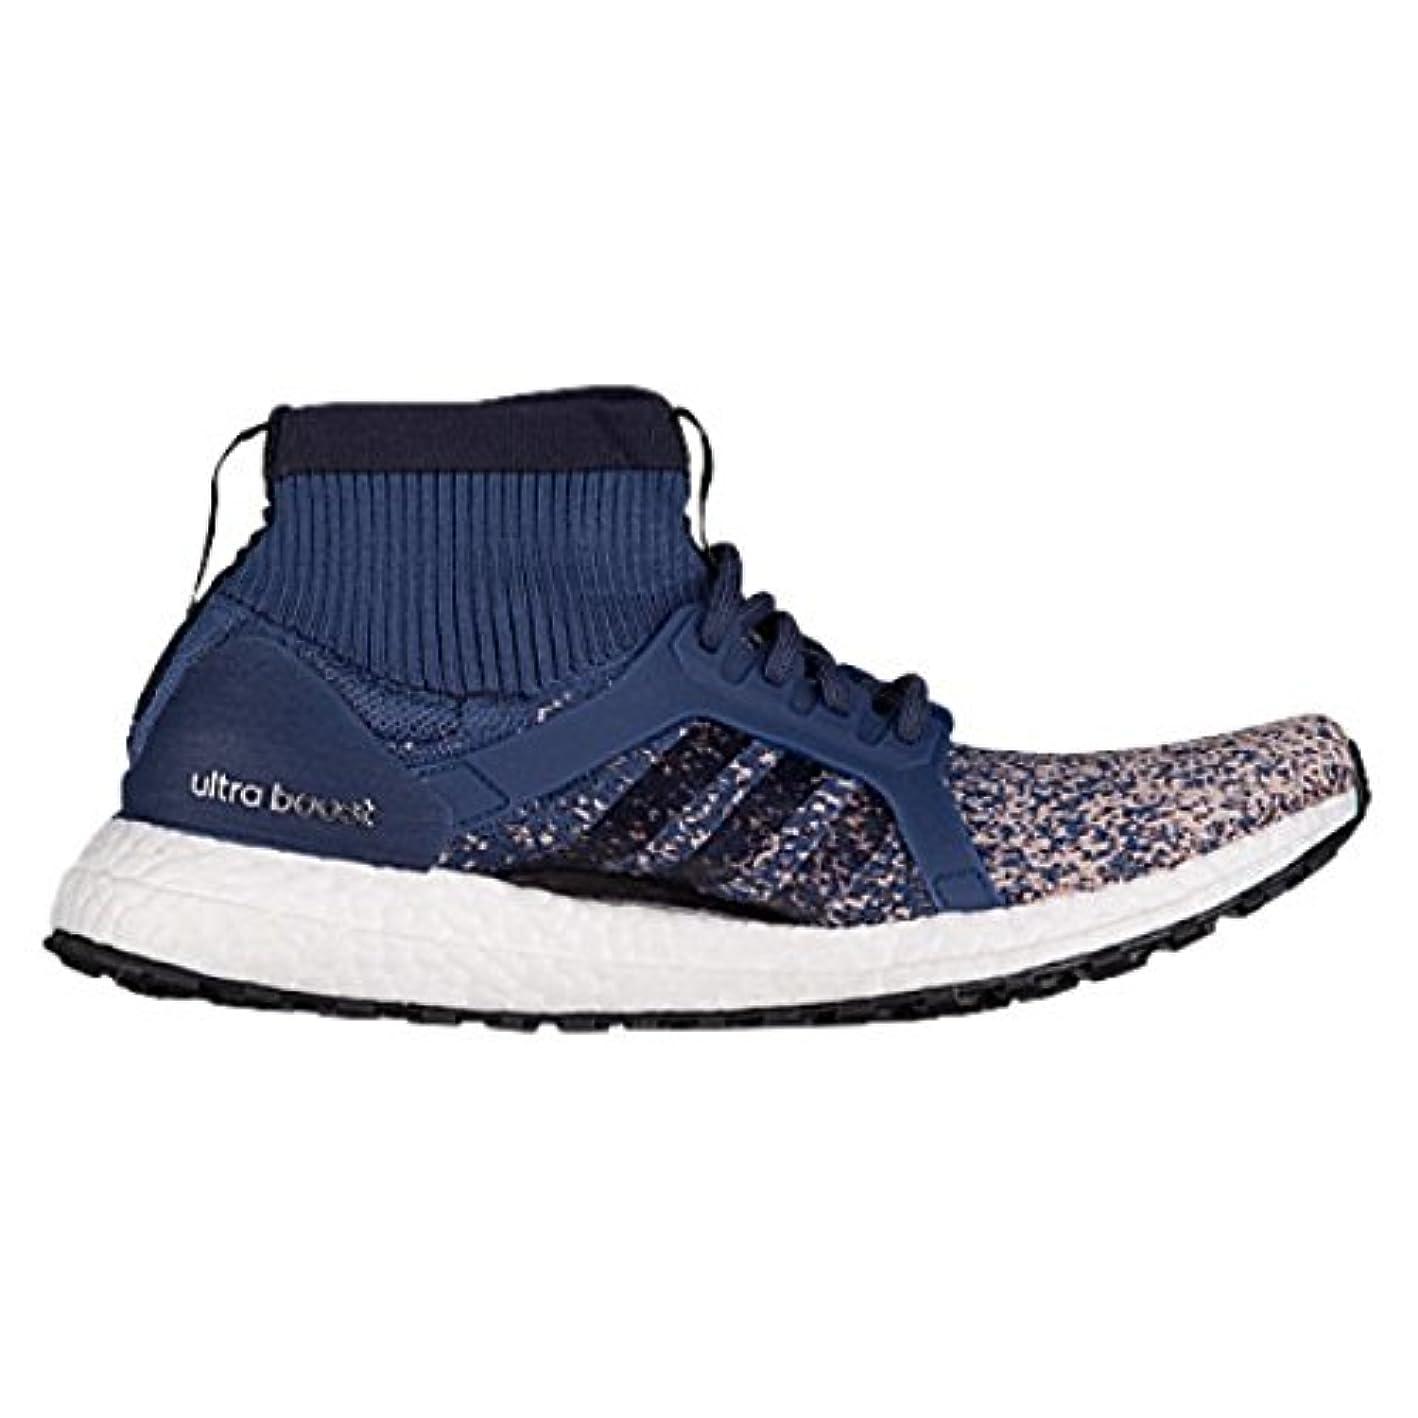 預言者少年コンセンサス(アディダス) adidas レディース ランニング?ウォーキング シューズ?靴 Ultra Boost X All Terrain [並行輸入品]